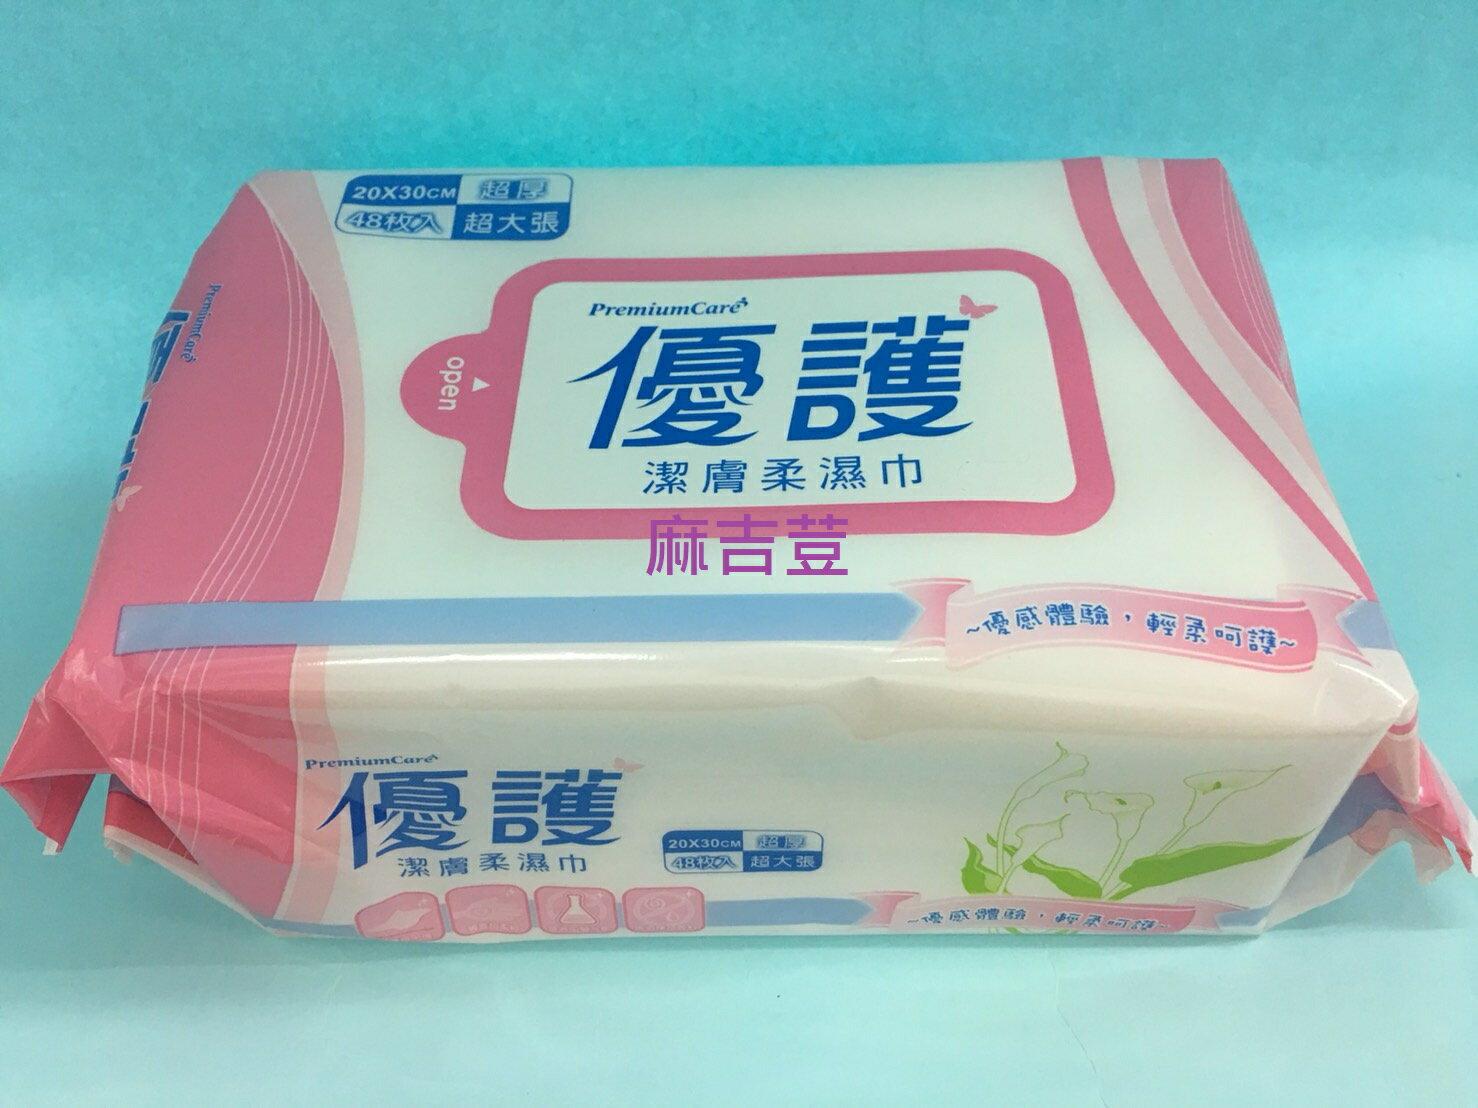 優護潔膚超厚柔濕巾-48片/包超大張20X30cm 3箱免運 保護肌膚柔嫩健康 台灣製可搭包大人尿褲.尿片.護墊使用